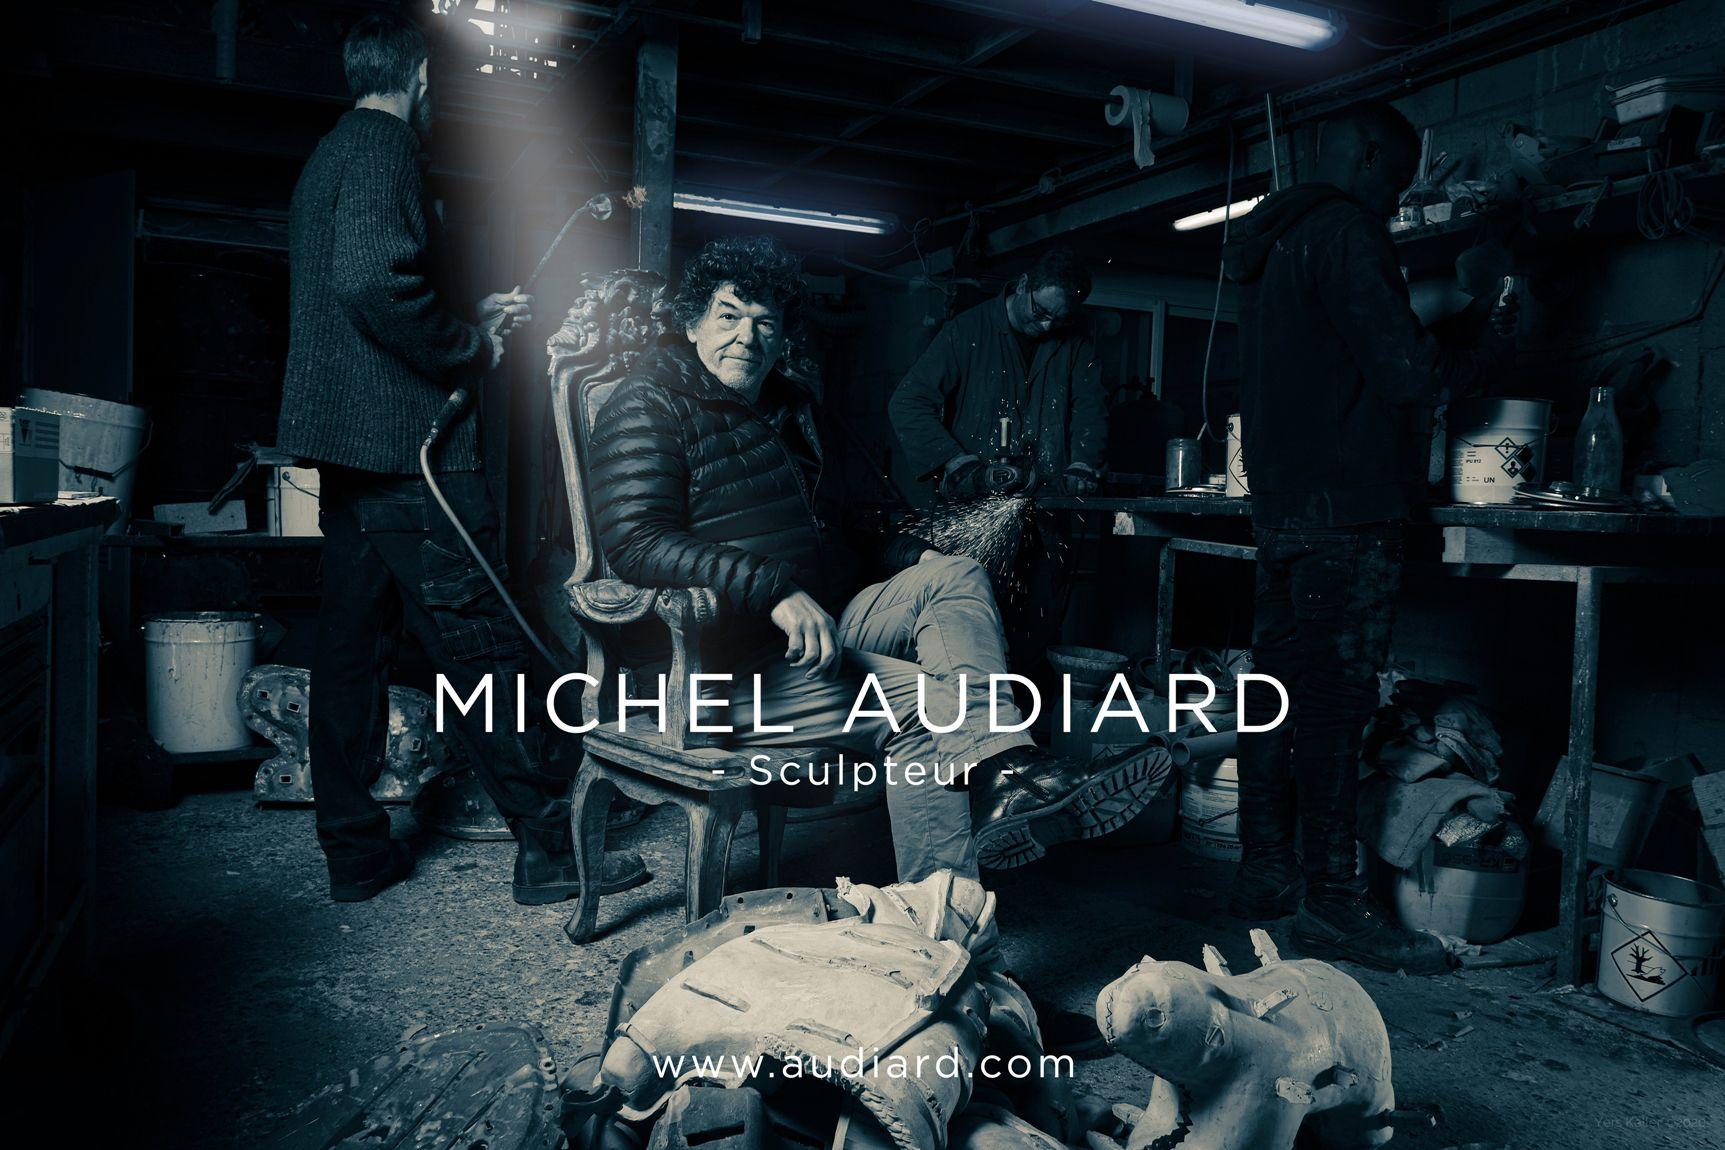 Michel Audiard Sculpteur par Yers Keller